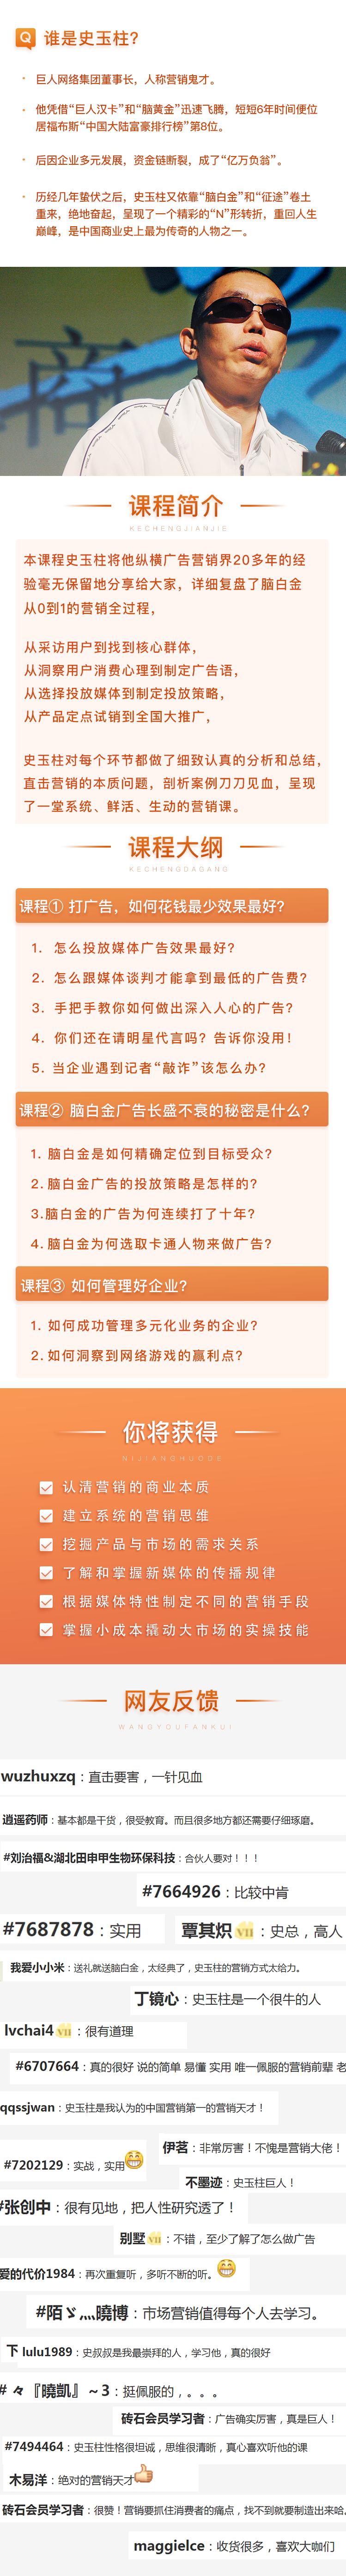 史玉柱专栏图小鹅通.png